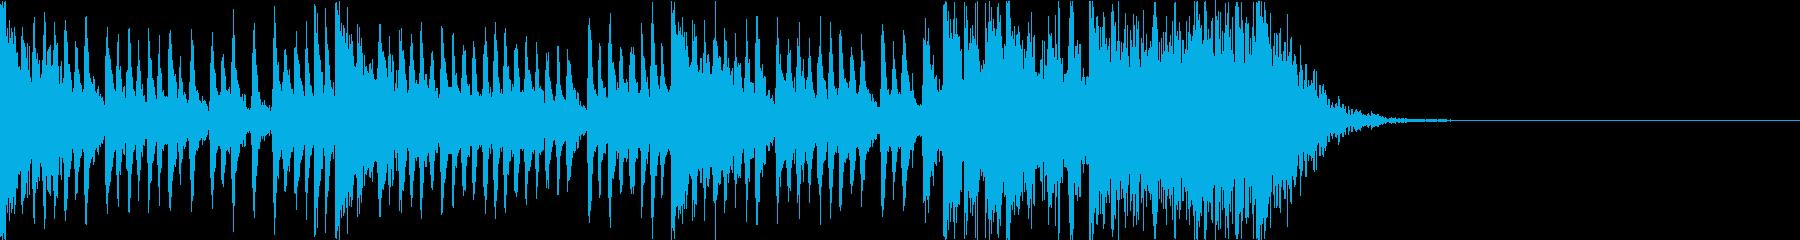 和太鼓アンサンブル/カウントダウン15秒の再生済みの波形